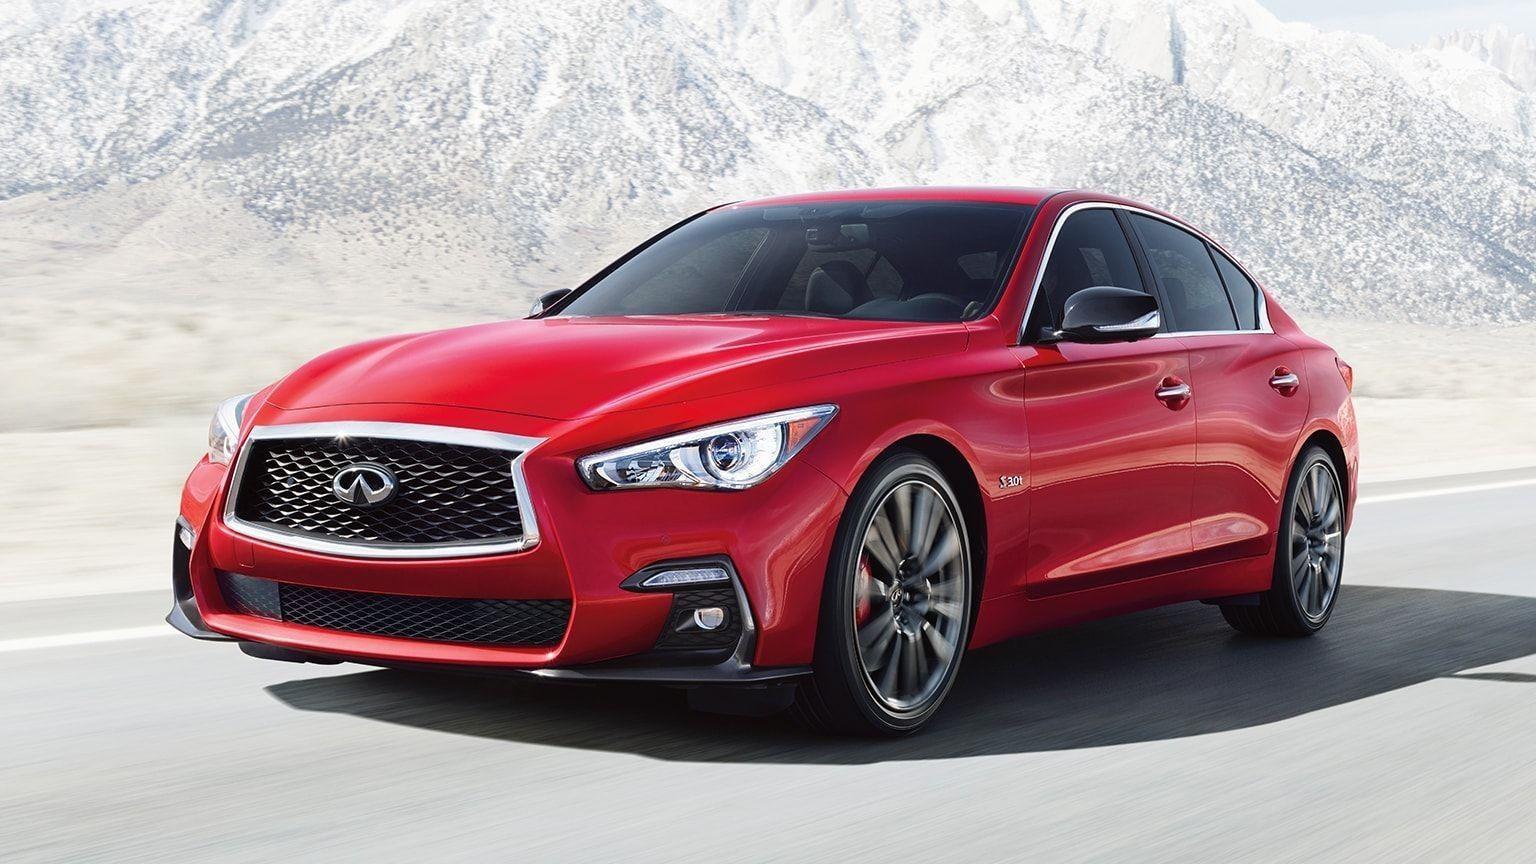 2020 Infiniti Q50 Red Sport Specs di 2020